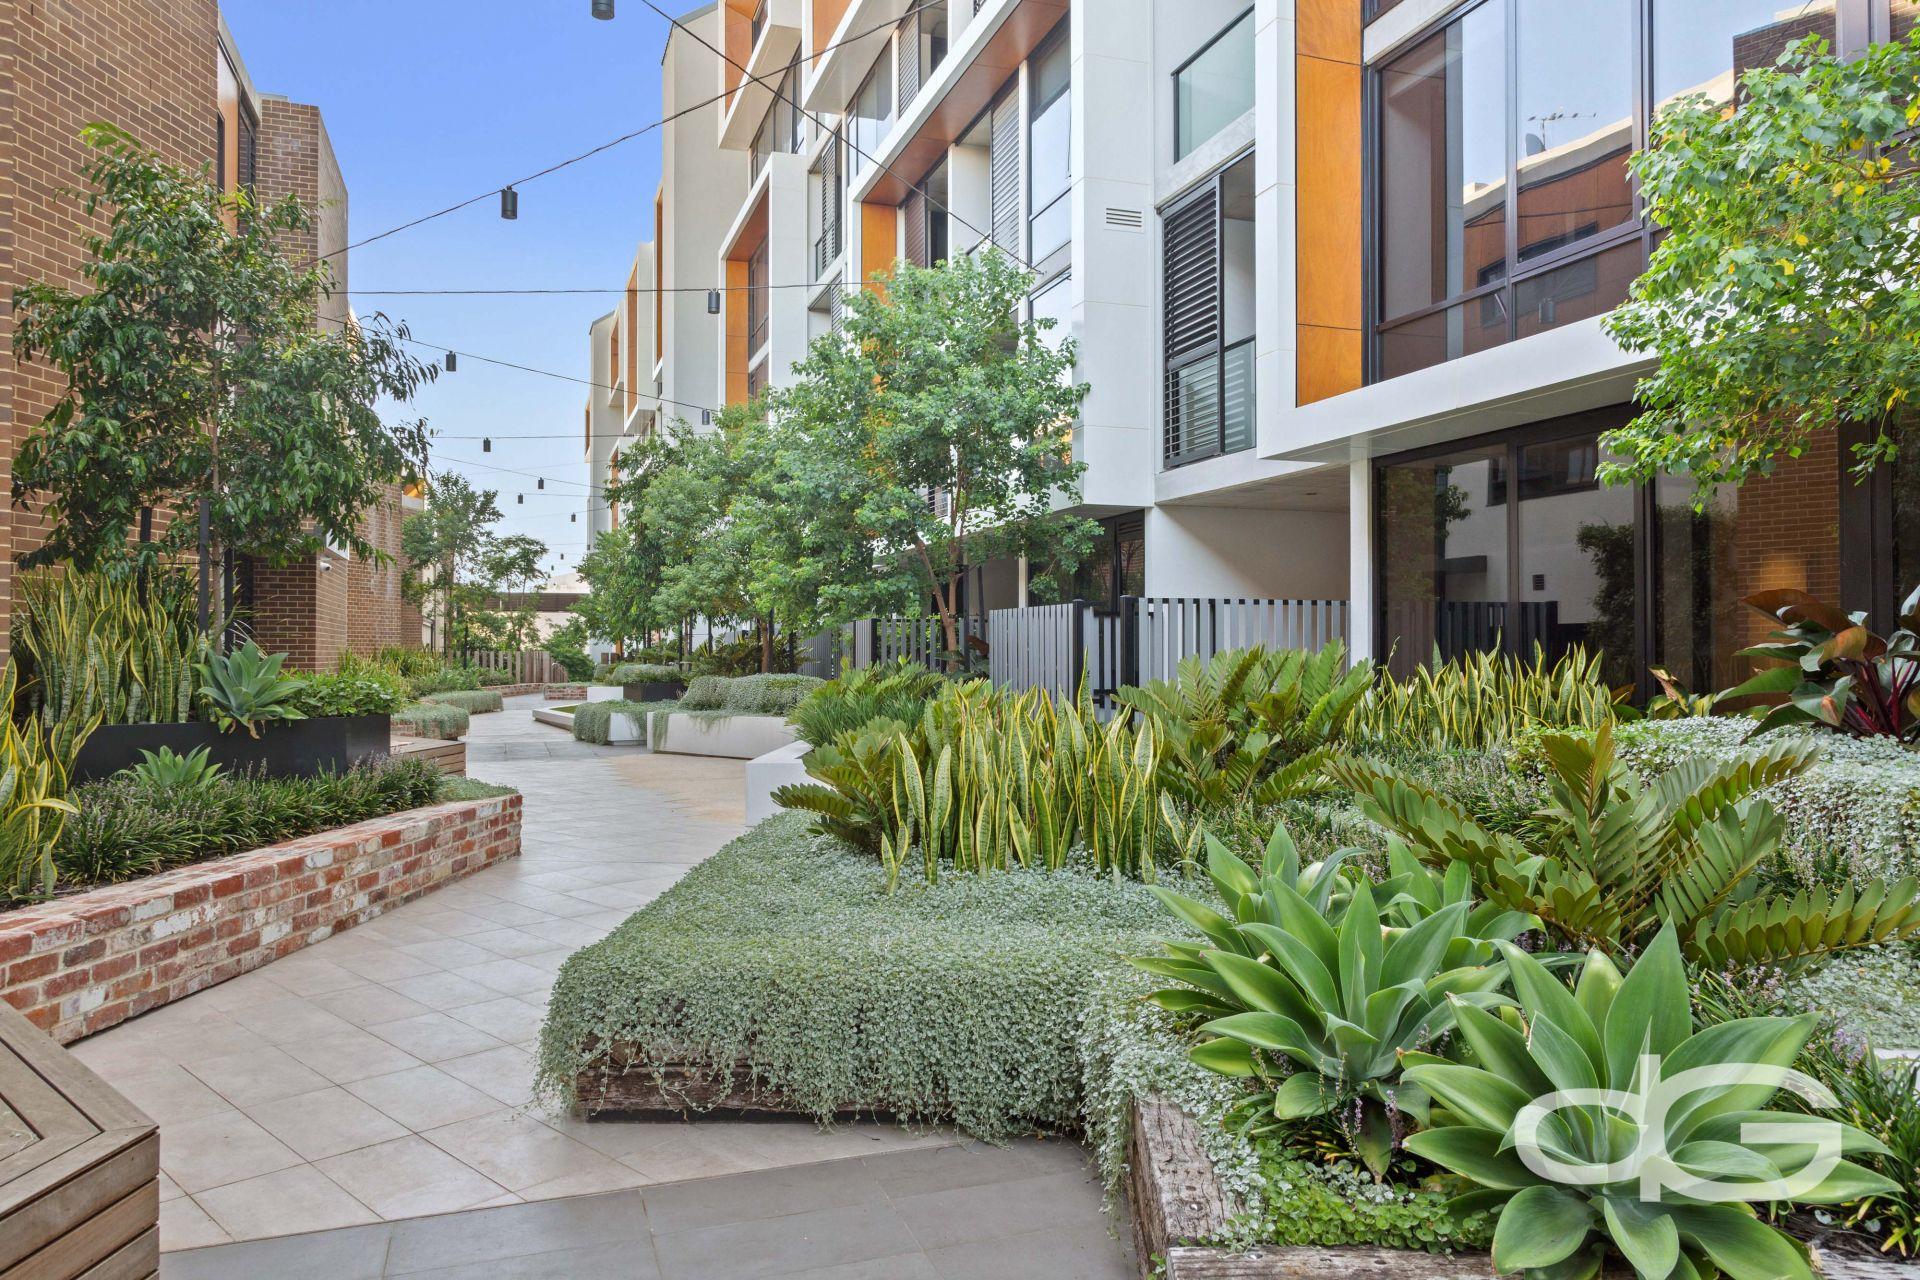 89/51 Queen Victoria Street, Fremantle